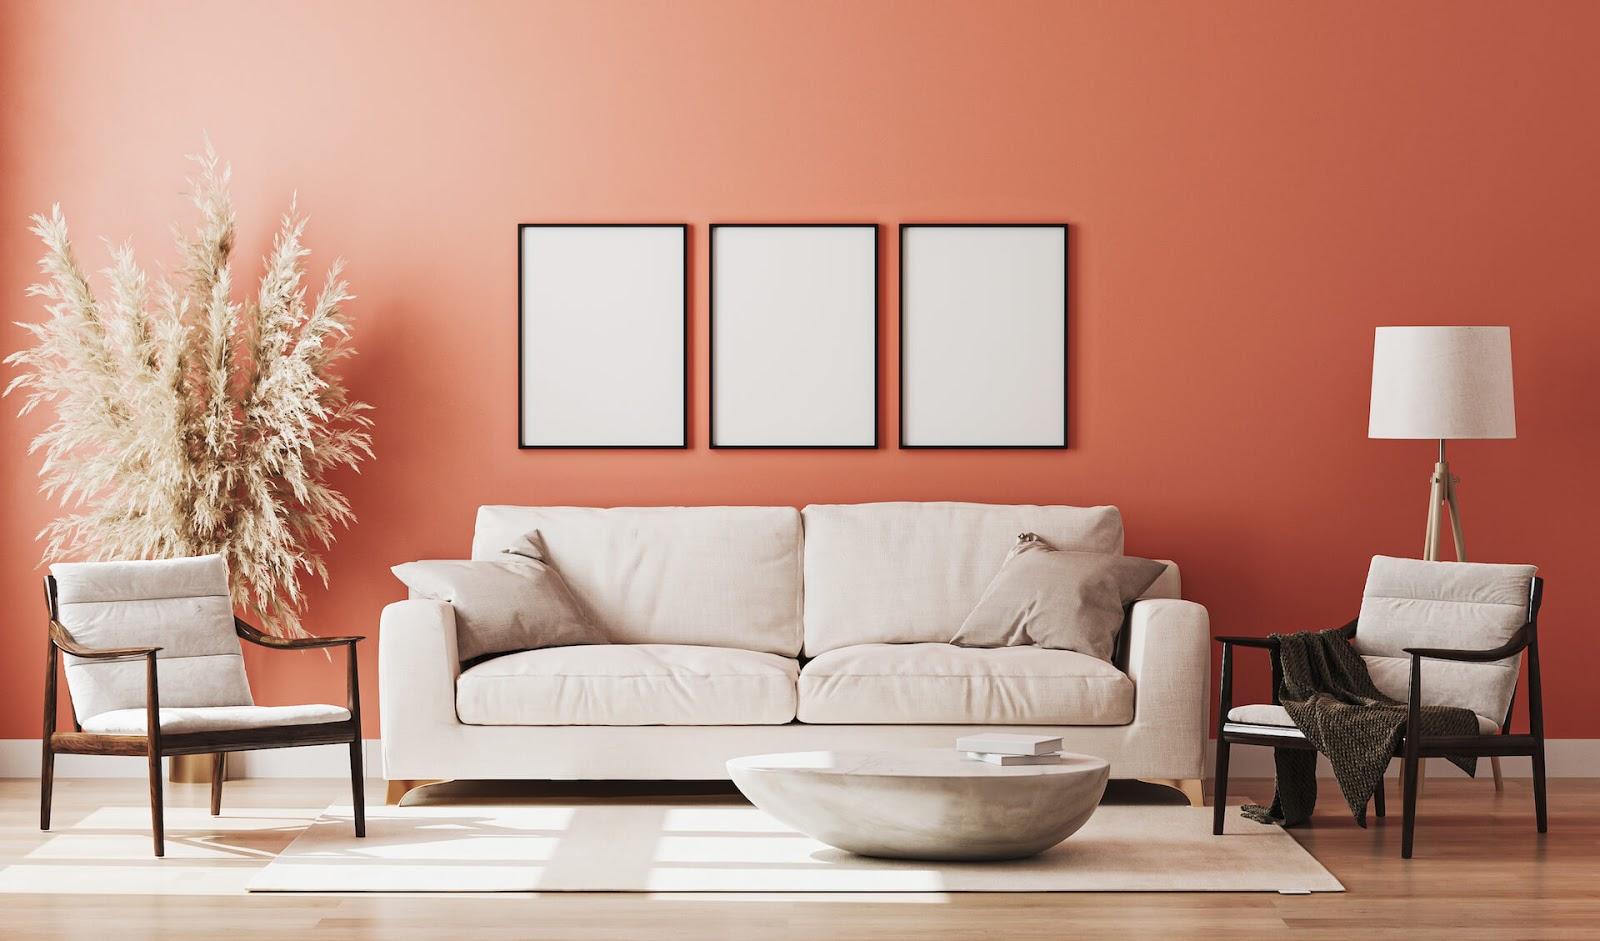 Room painted orange